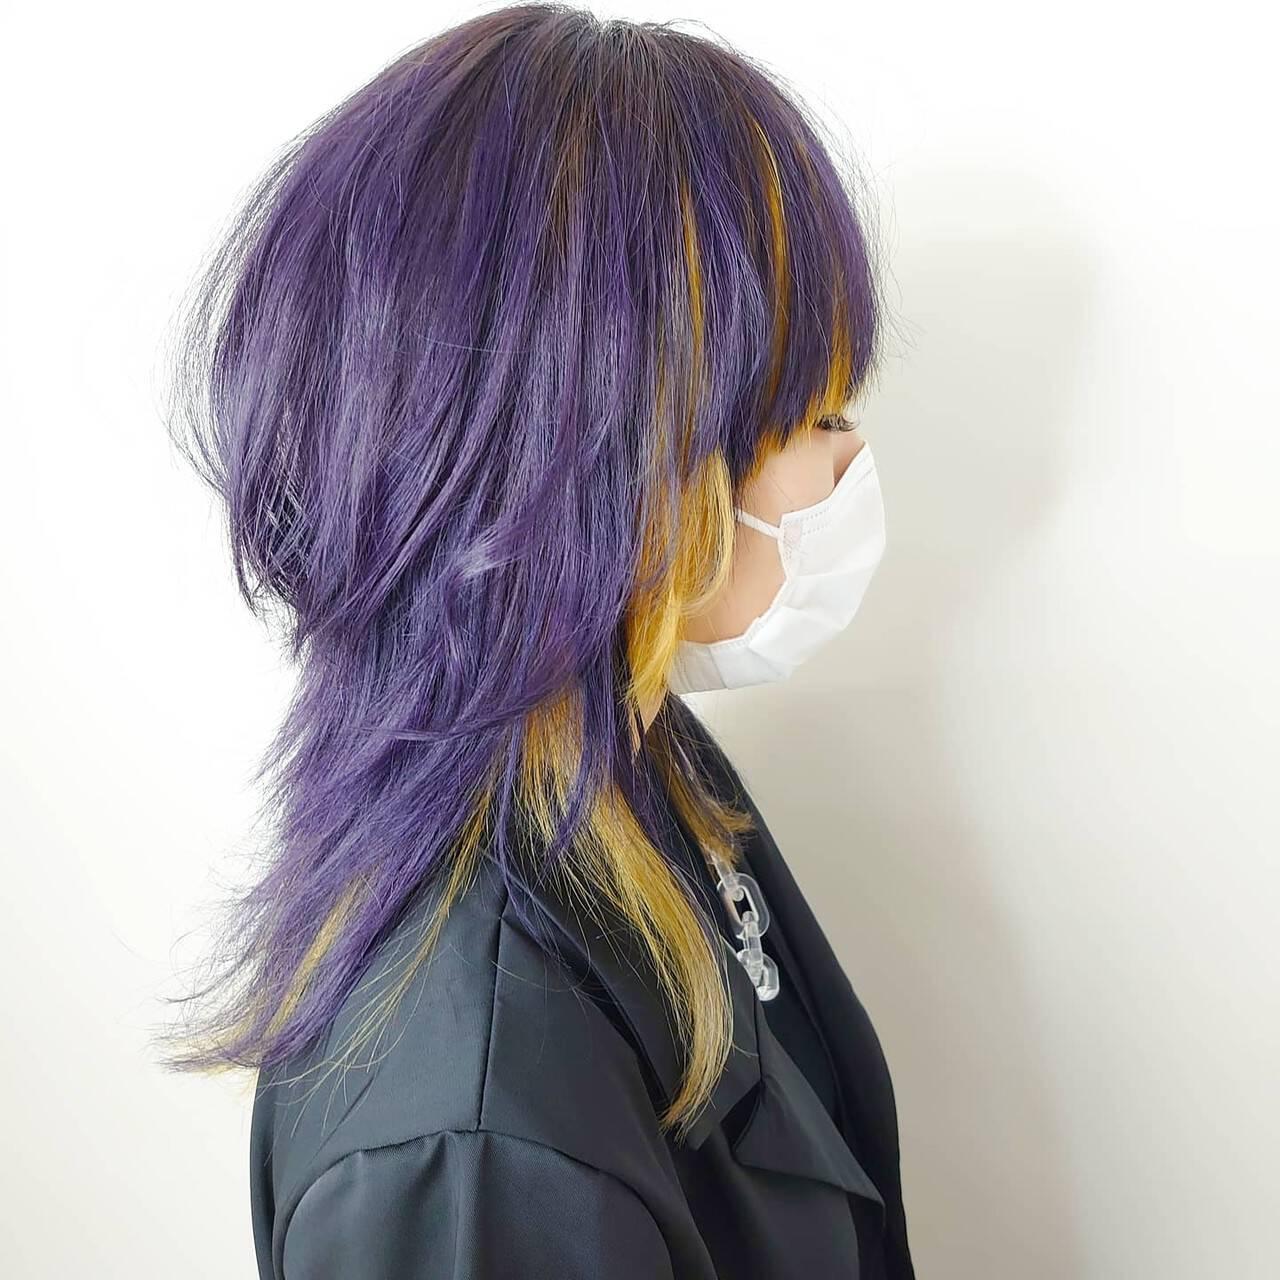 紫 ブリーチカラー セミロング イエローヘアスタイルや髪型の写真・画像